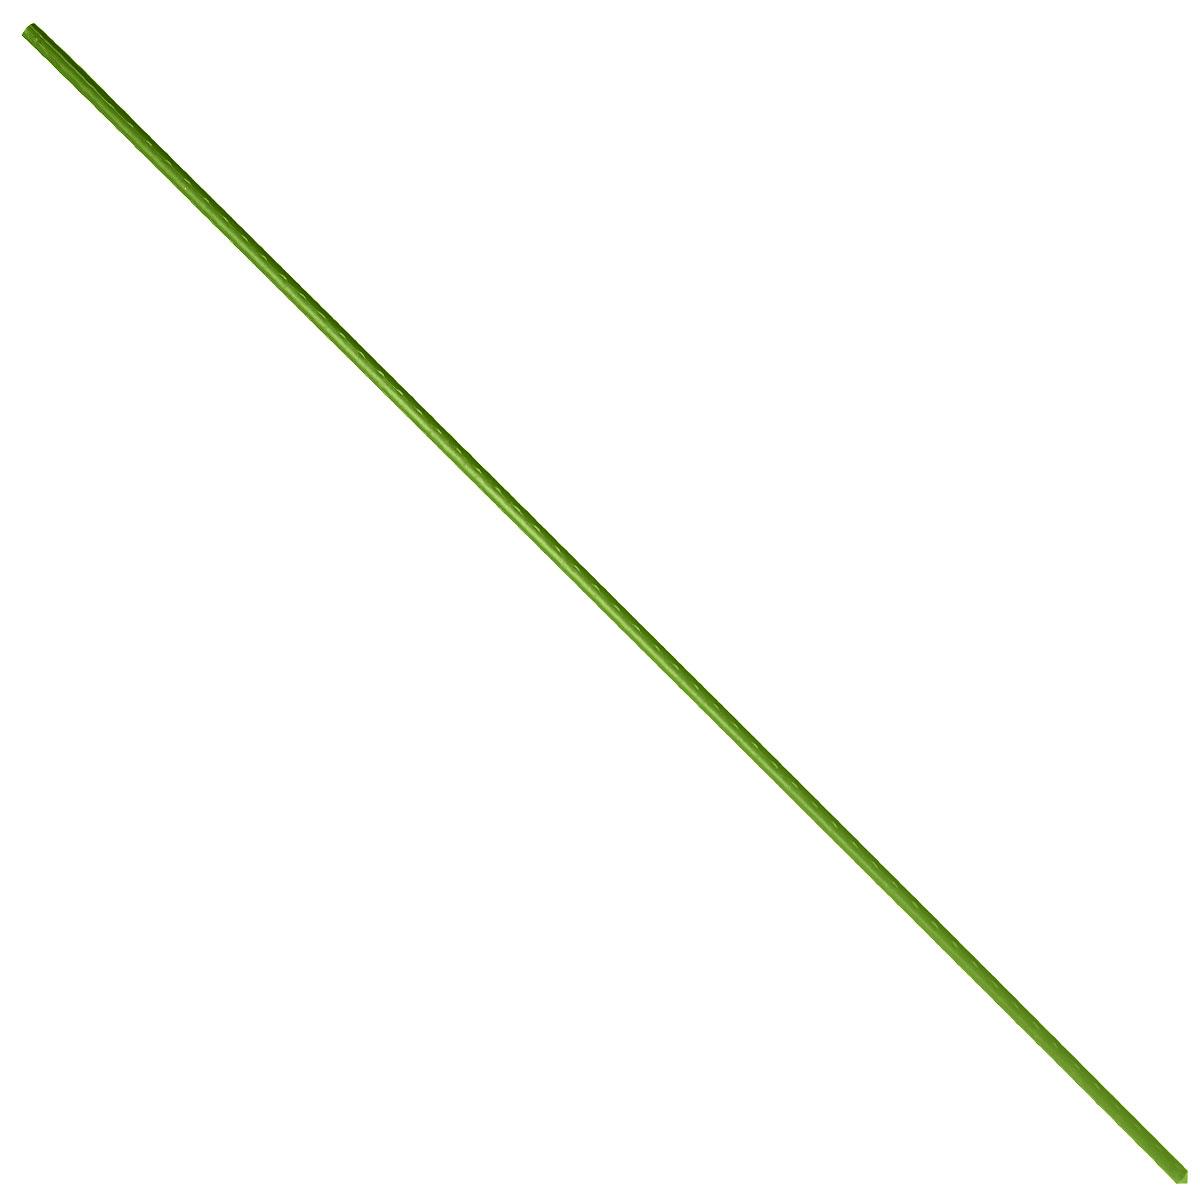 Опора для растений Green Apple, цвет: зеленый, диаметр 0,8 см, длина 75 см, 5 штGCSP-8-75Опора для растений Green Apple выполнена из высококачественного металла, покрытого цветным пластиком. В наборе 5 опор, выполненных в виде ствола растения с шипами.Такие опоры широко используются для поддержки декоративных садовых и комнатных растений. Также могут применятся для поддержки вьющихся растений в парниках.Длина опоры: 75 см.Диаметр опоры: 0,8 см.Комплектация: 5 шт.